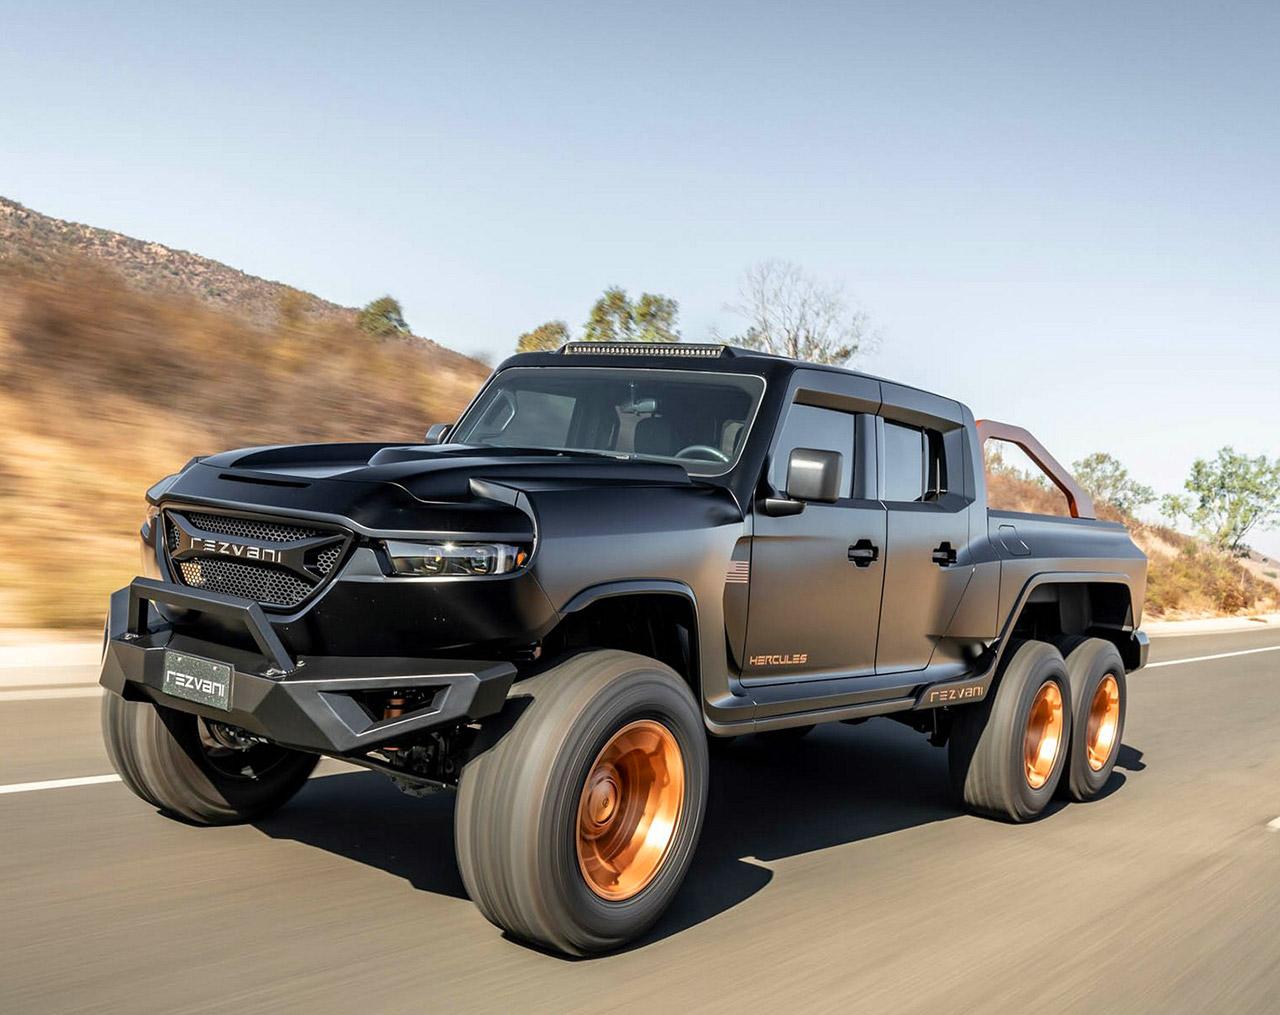 Rezvani Hercules 6x6 Truck